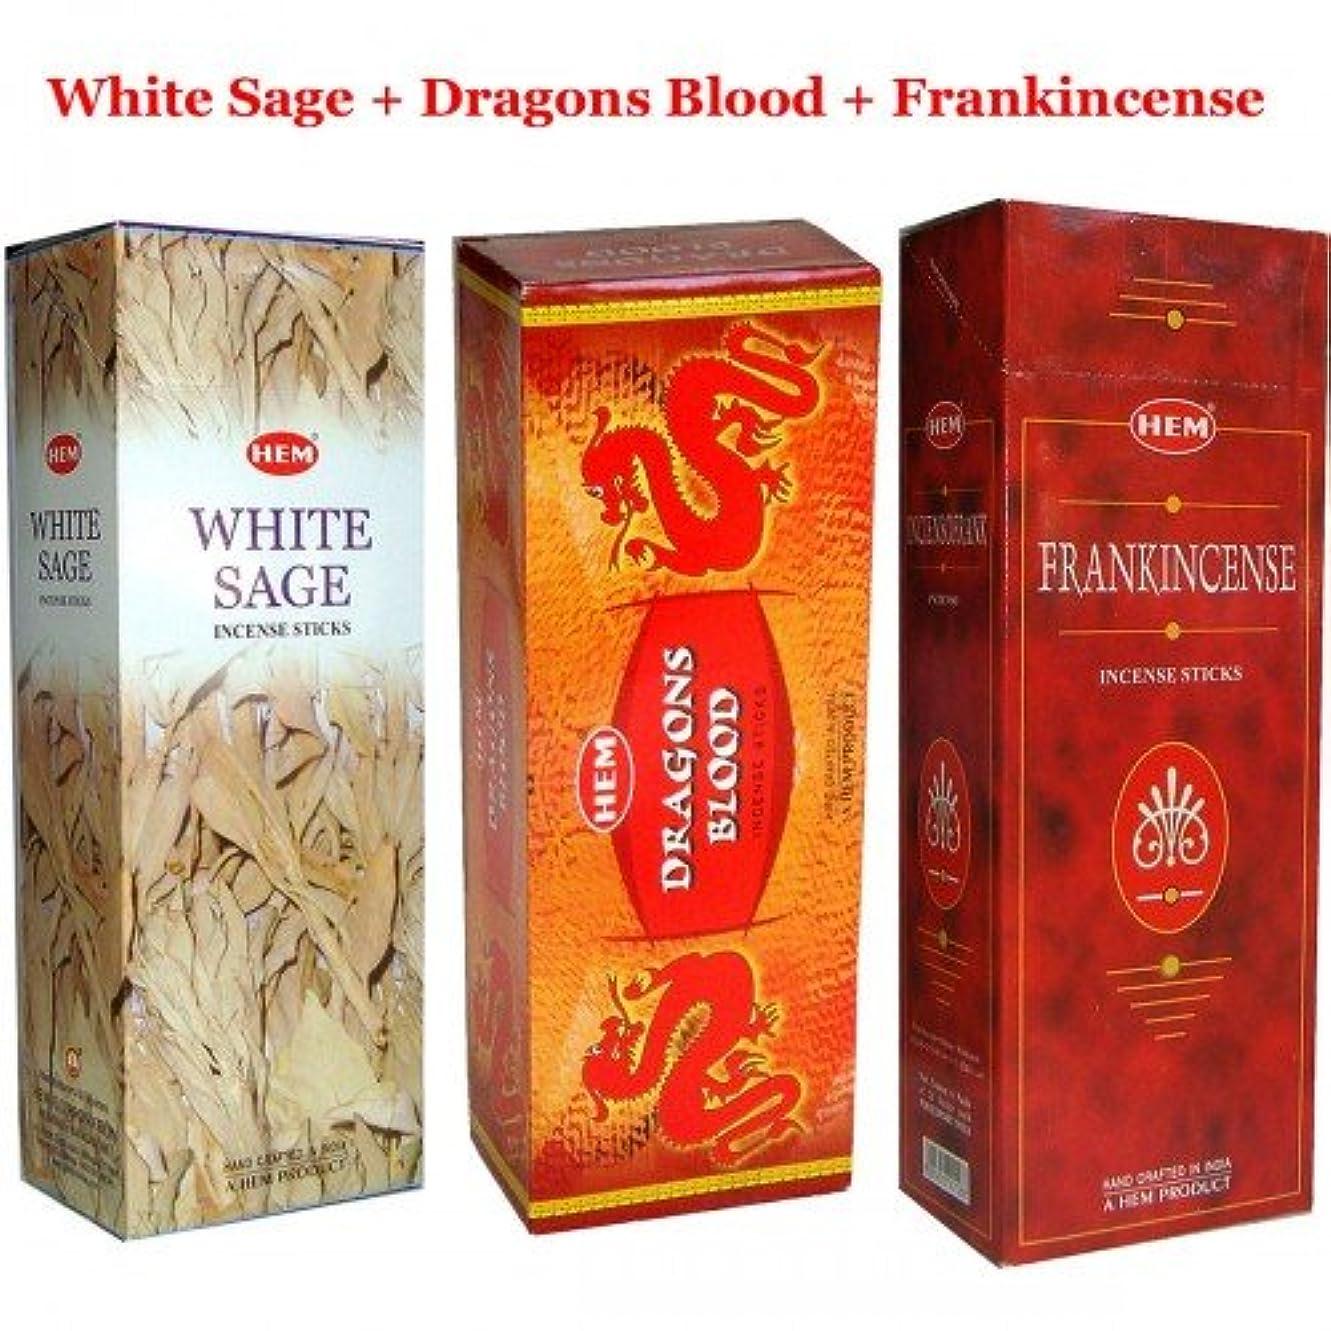 変更法的試験バルク360 Sticks Hemホワイトセージ、Frankincense、ドラゴンブラッド香、3ボックス – (360 Sticksバルクper order)